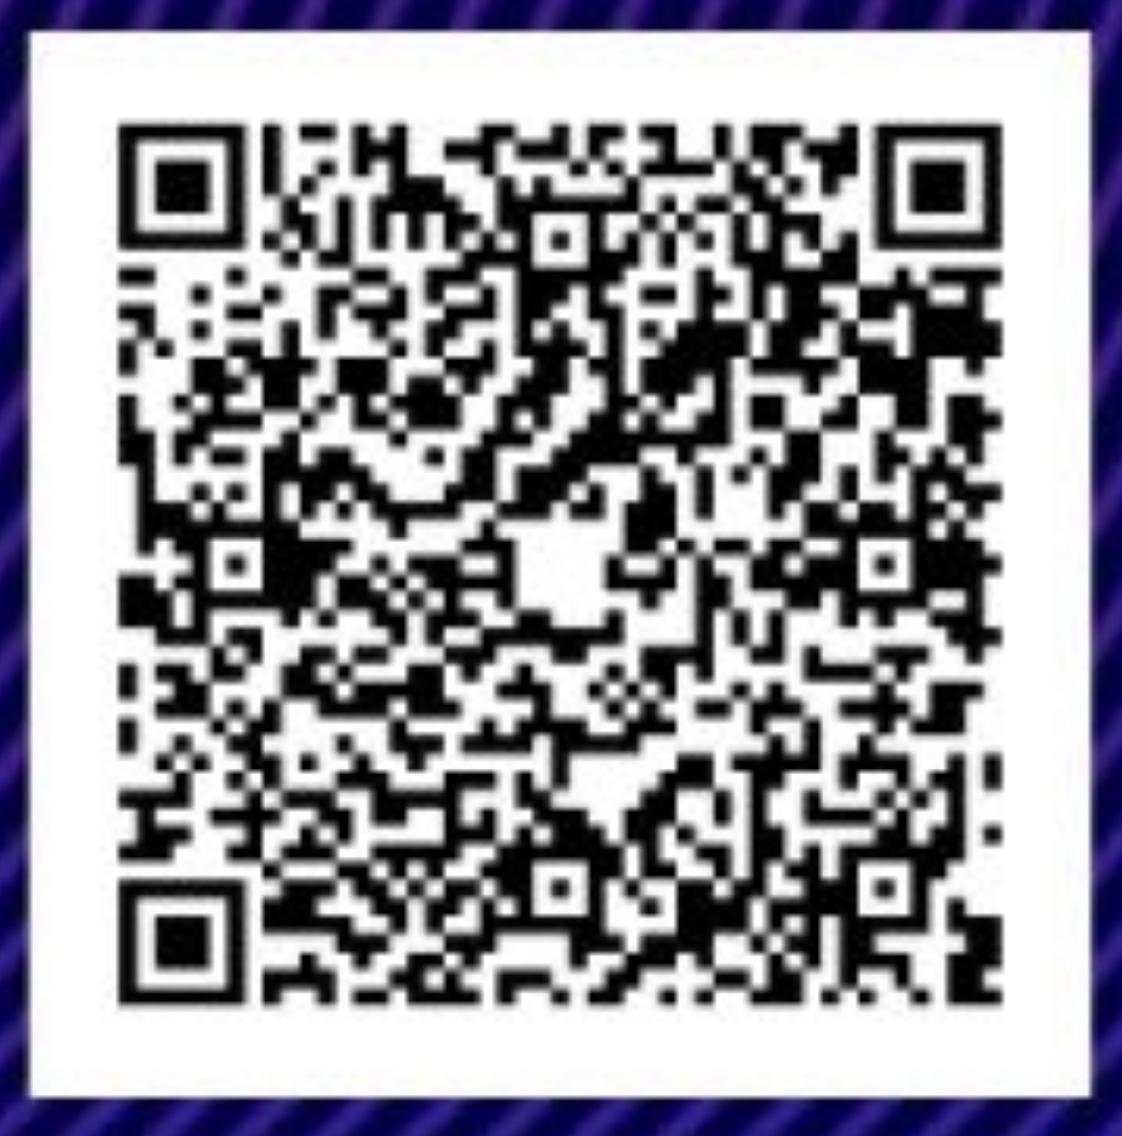 微信图片_20210507092602.jpg